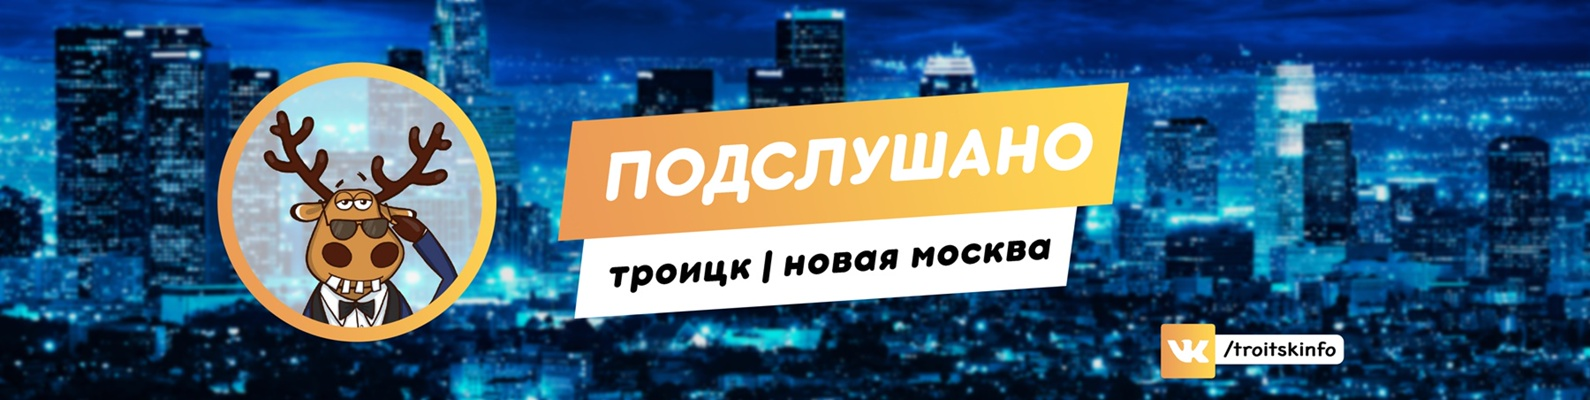 новости троицка новая москва